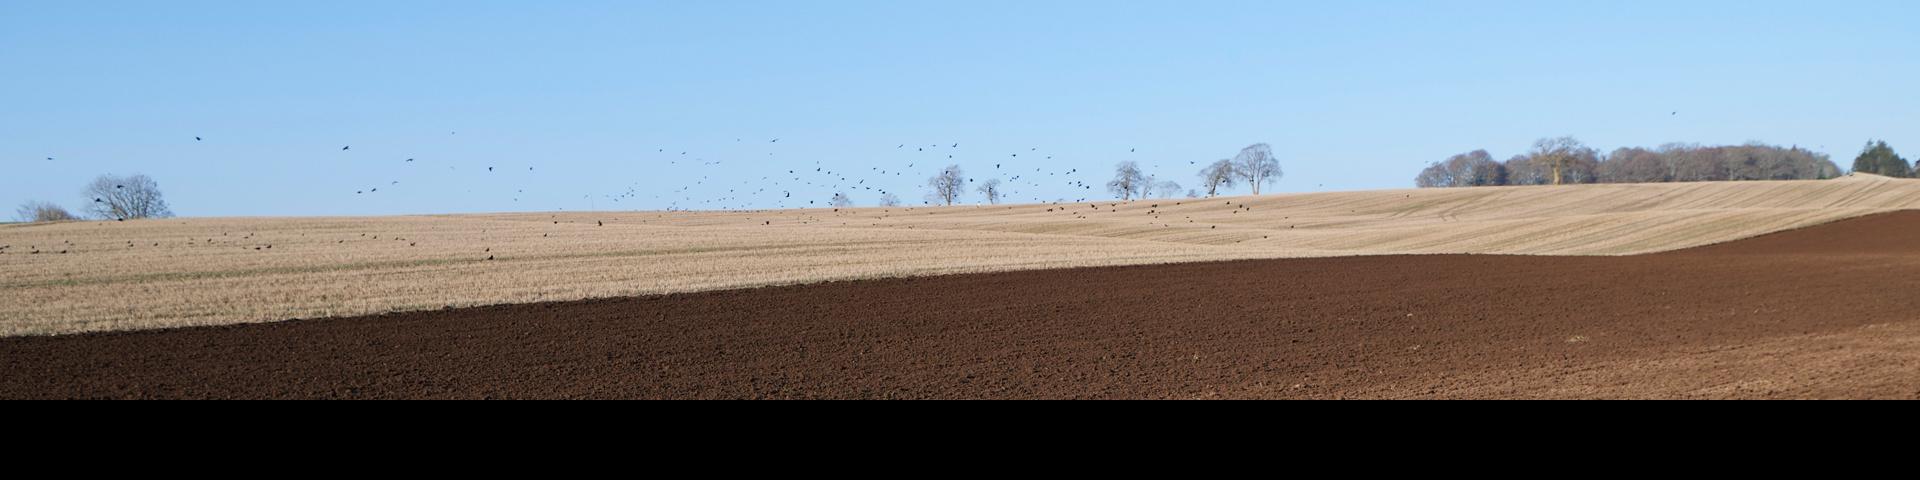 Farm - plowed field